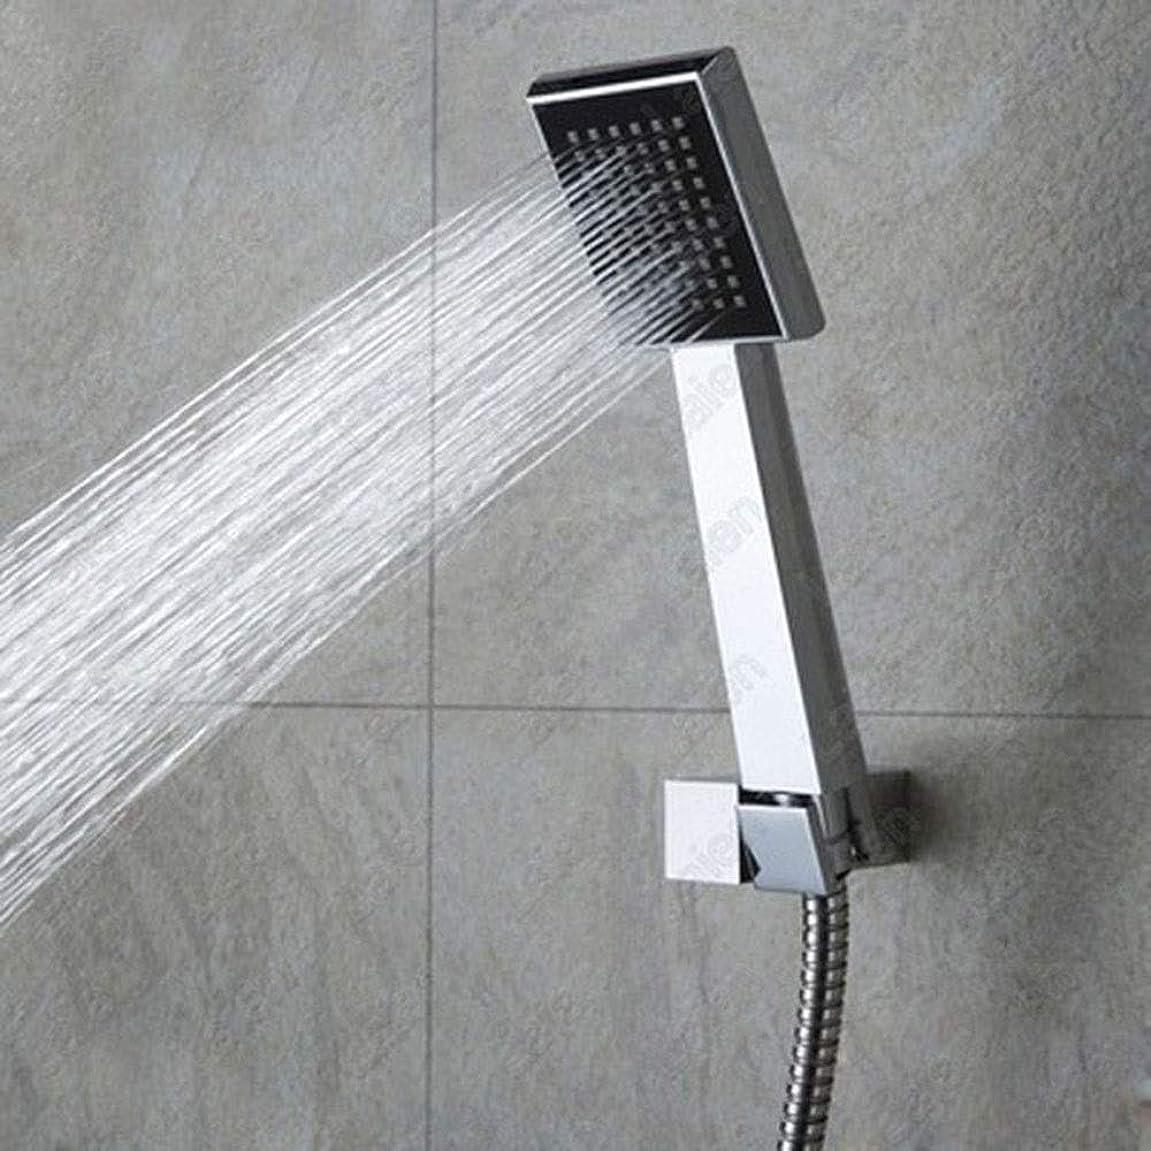 住人ことわざ魔法浴室設備 蛇口多機能シャワー8インチABSメッキプラスチックトップスプレーブラケットスプリンクラーシャワーセットで隠されたすべての銅